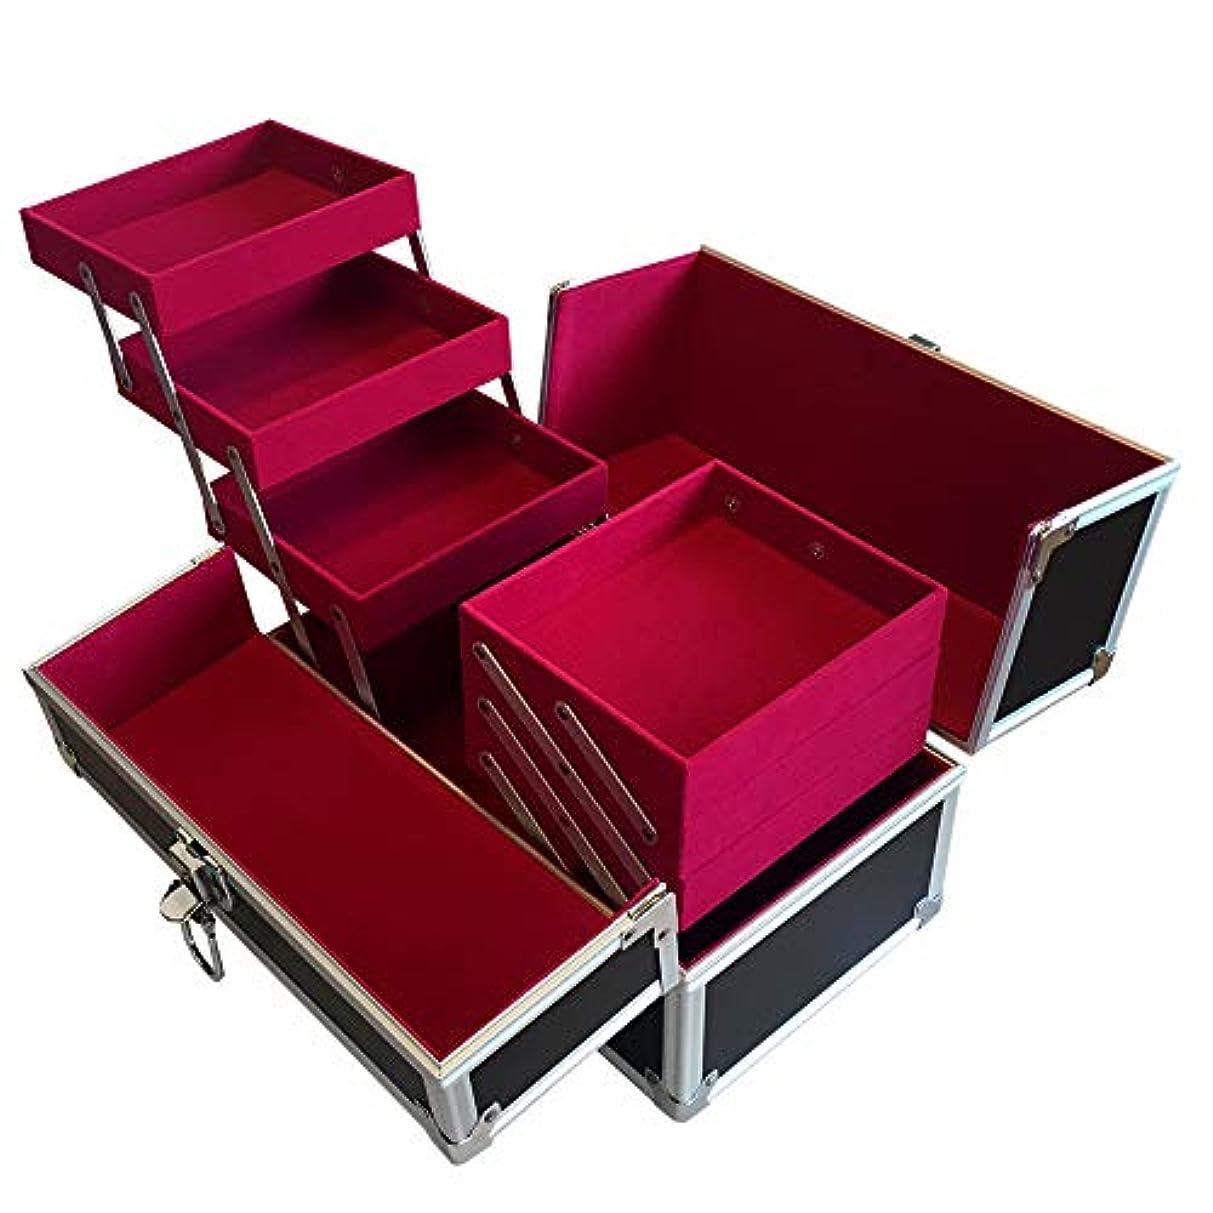 徹底アコー新鮮なリライアブル コスメボックス RB002-BKVP 鍵付き プロ仕様 メイクボックス 大容量 化粧品収納 小物入れ 6段トレー ベロア メイクケース コスメBOX 持ち運び ネイルケース